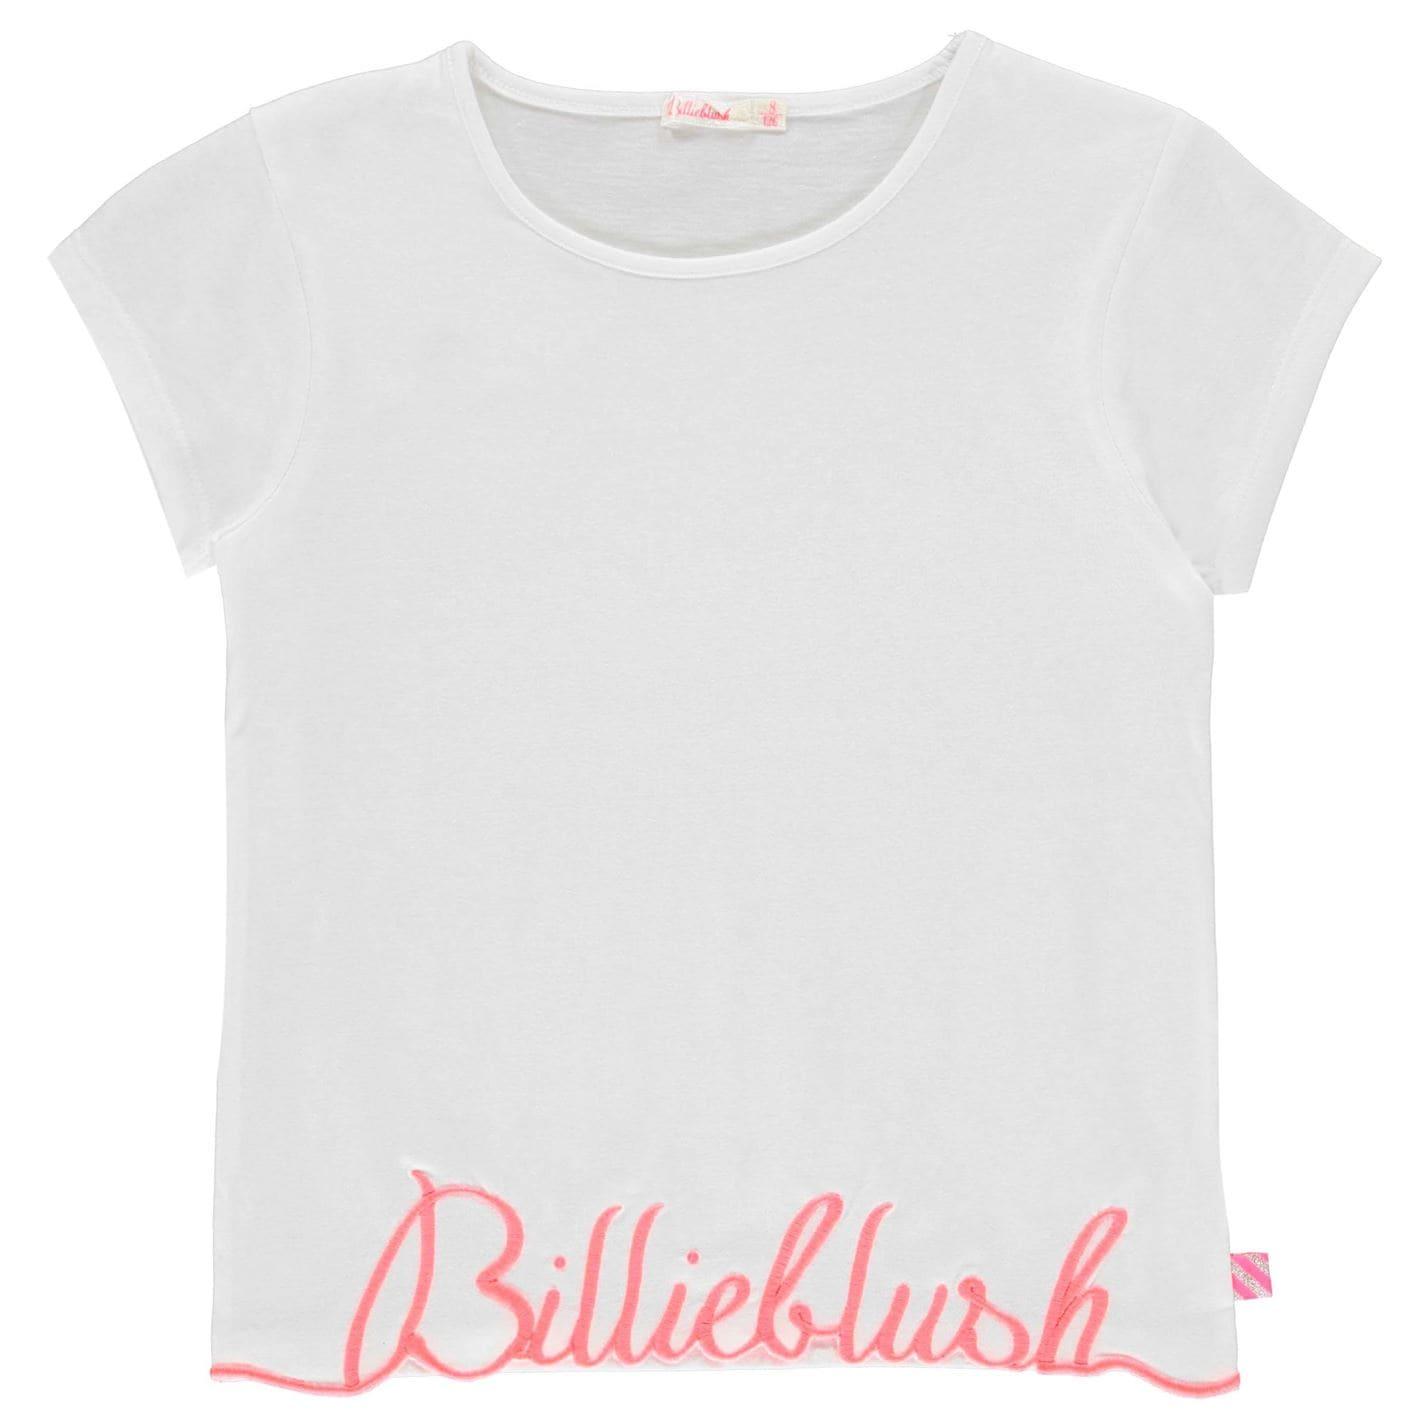 Tricou cu imprimeu Billieblush Signature alb 10b